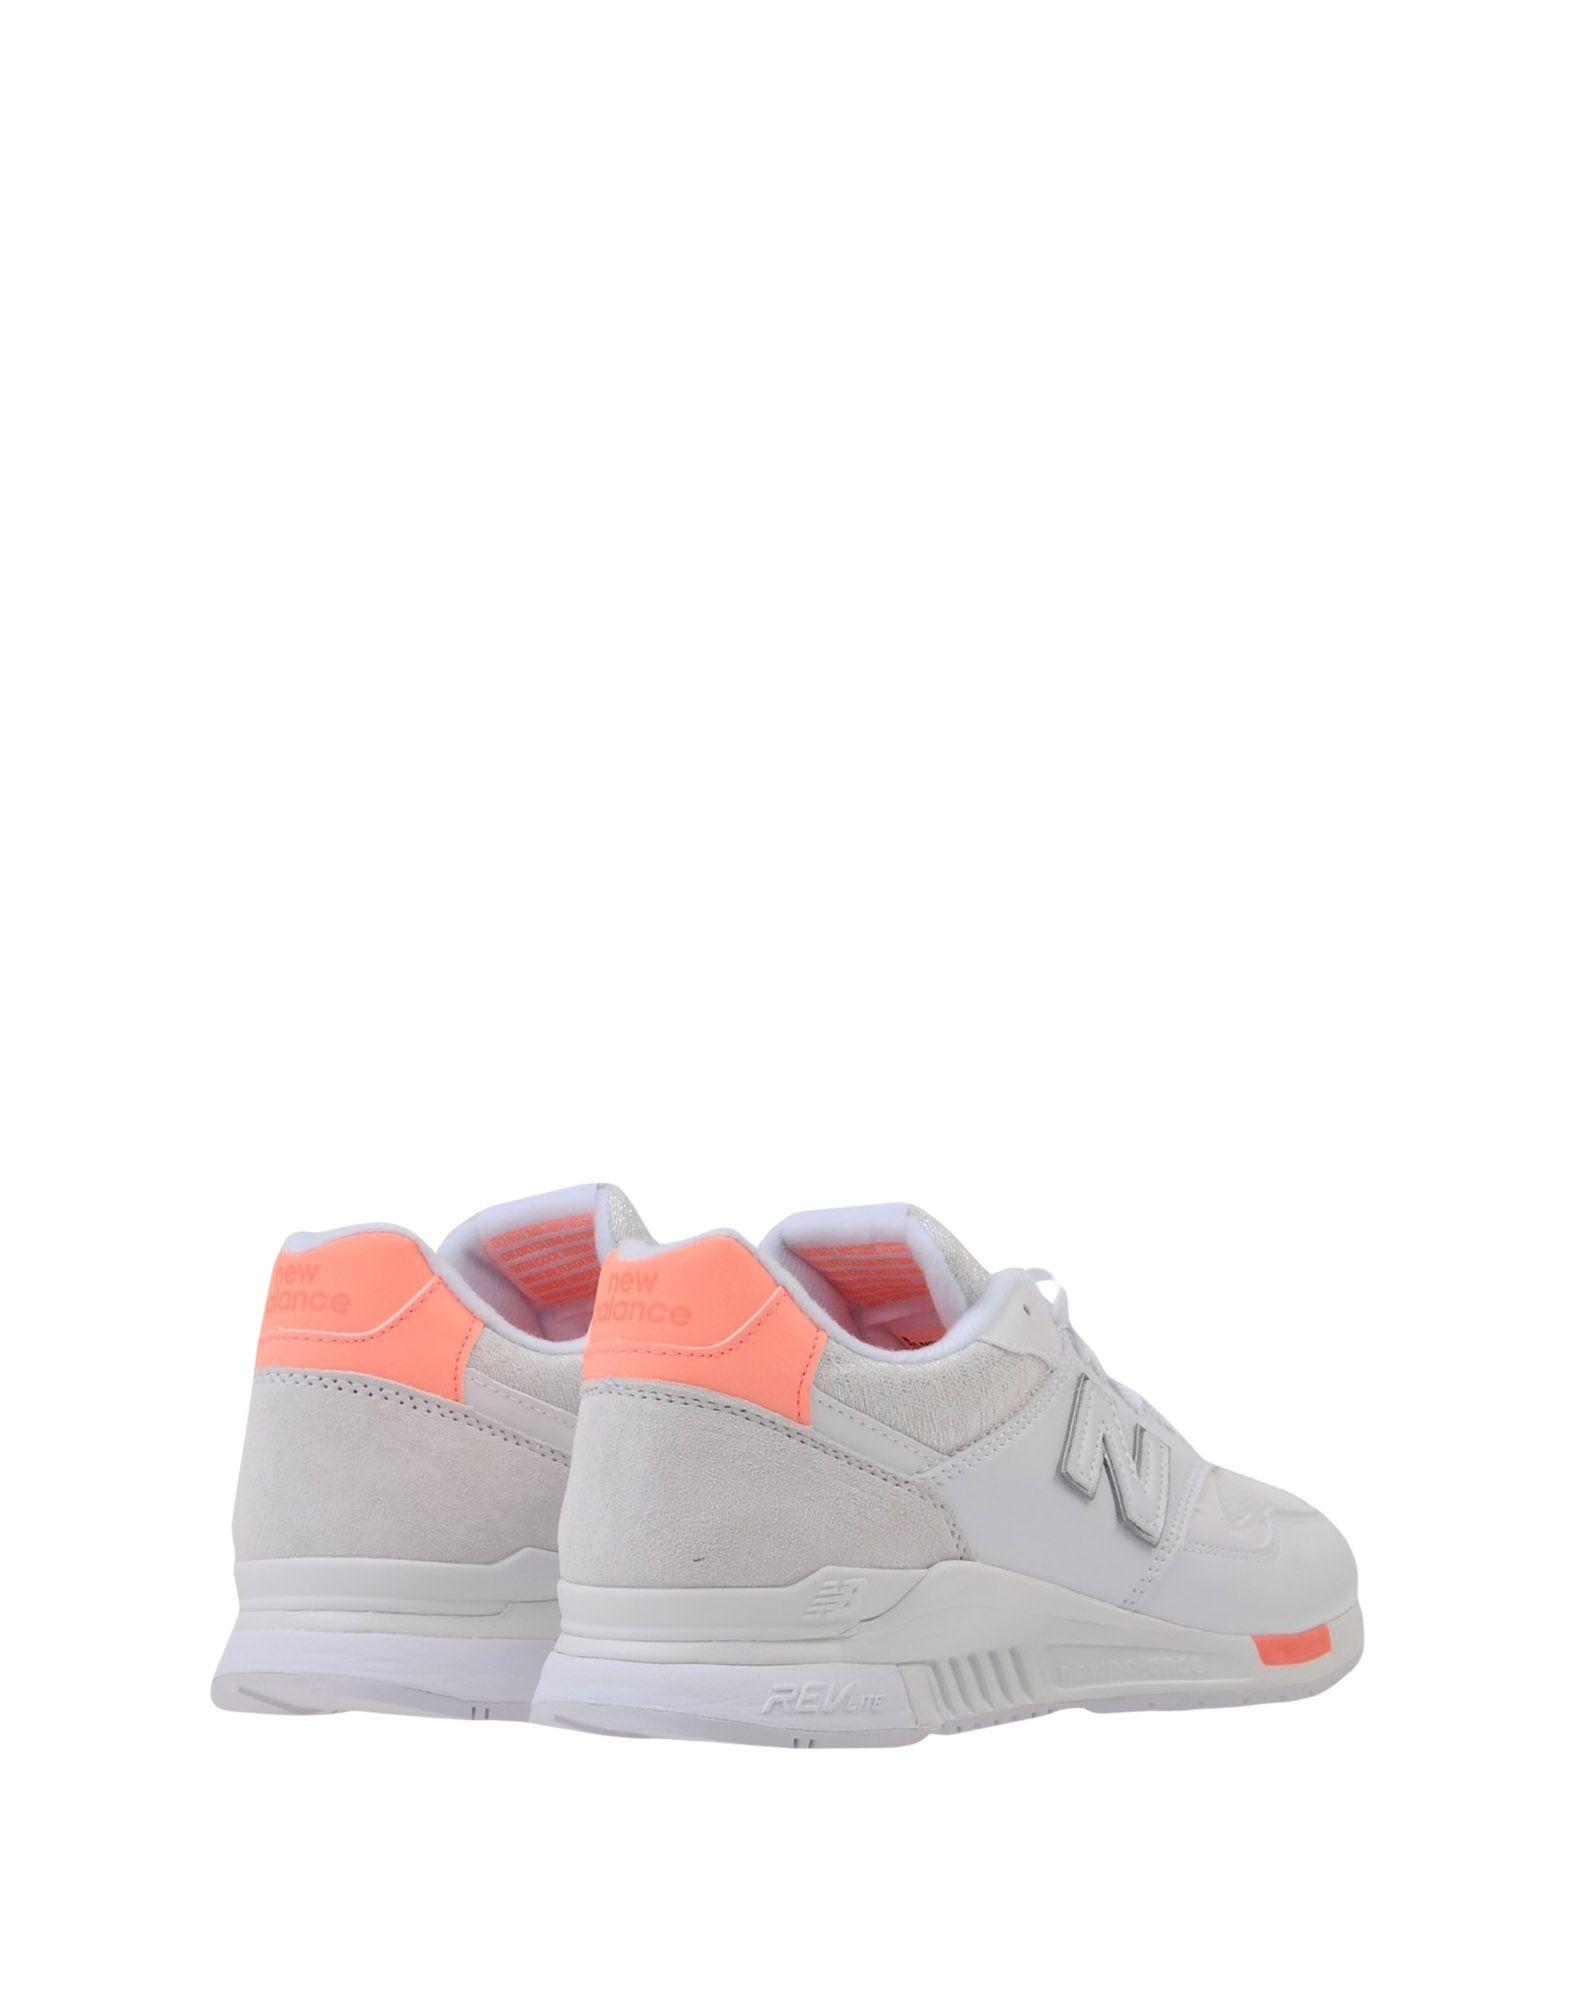 New Balance 840 Suede/Mesh beliebte  11467096NN Gute Qualität beliebte Suede/Mesh Schuhe cc70ee